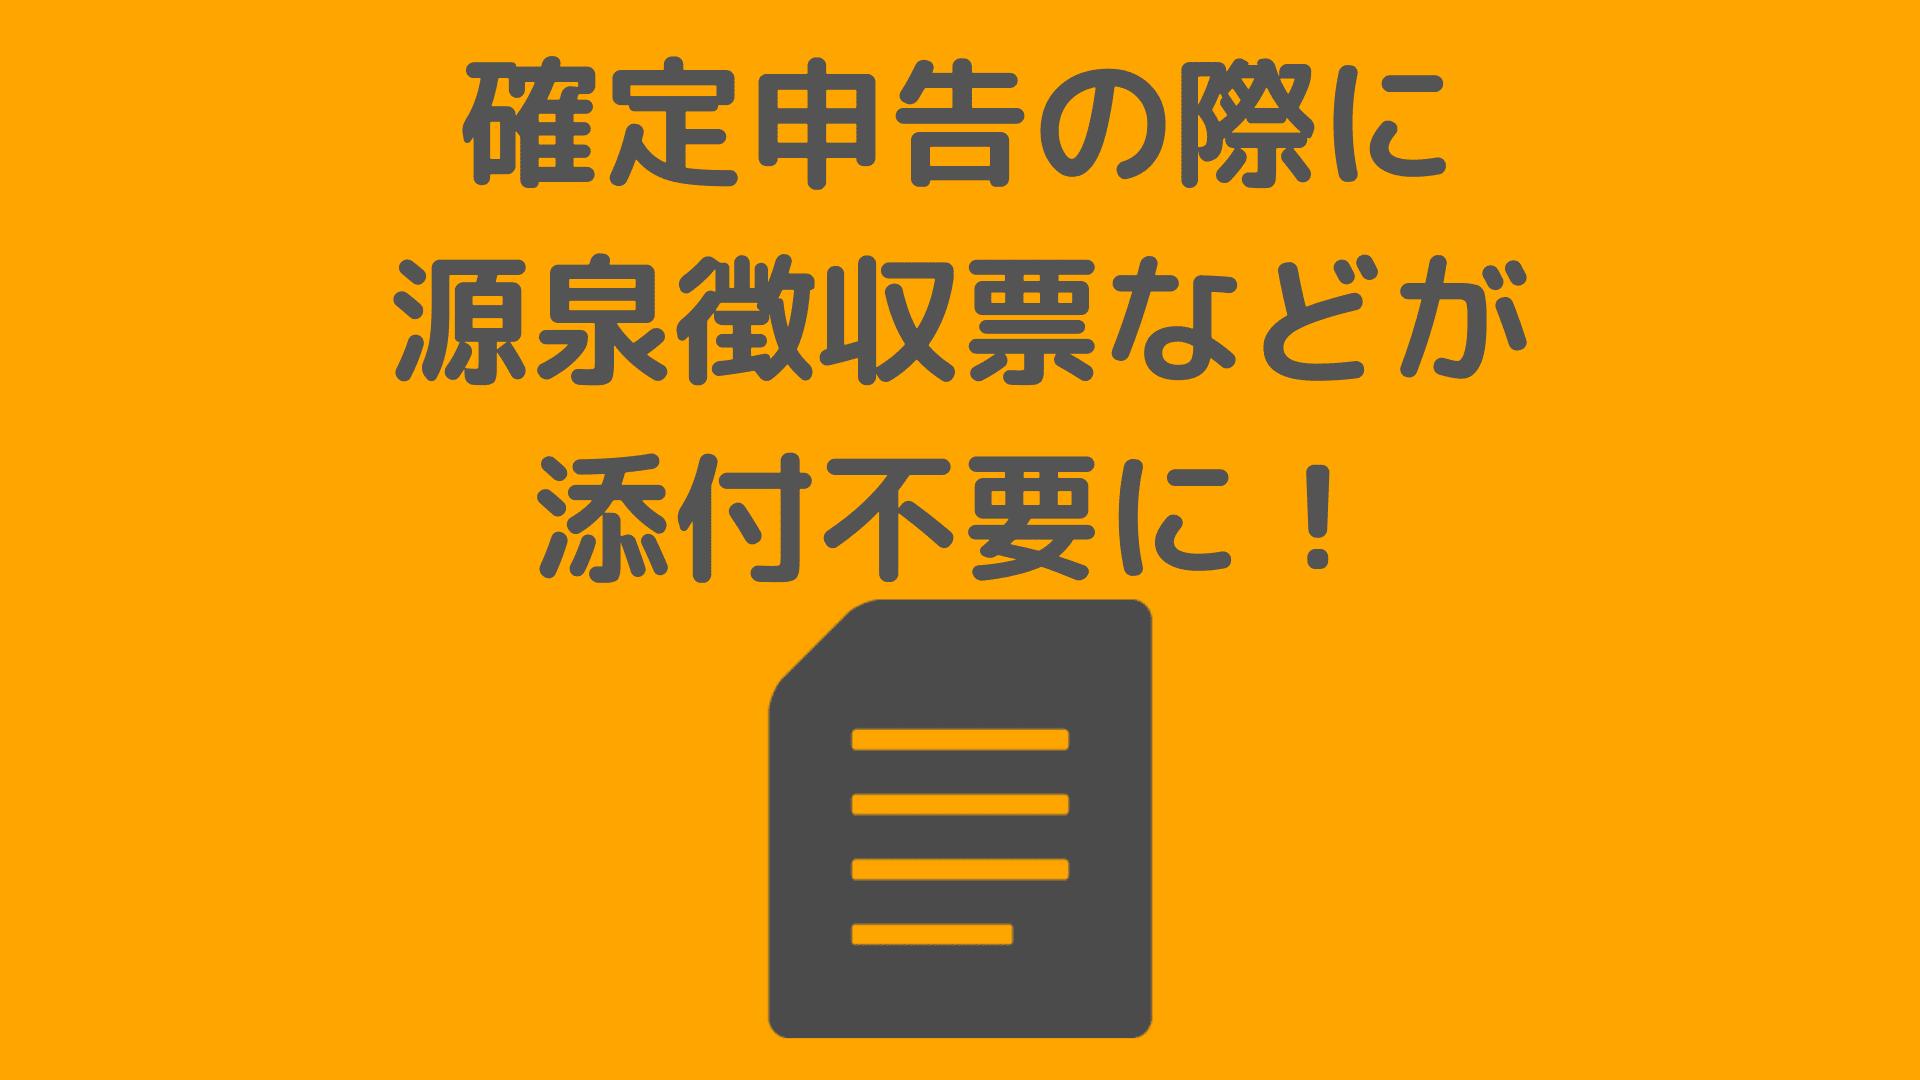 源泉 徴収 票 添付 不要